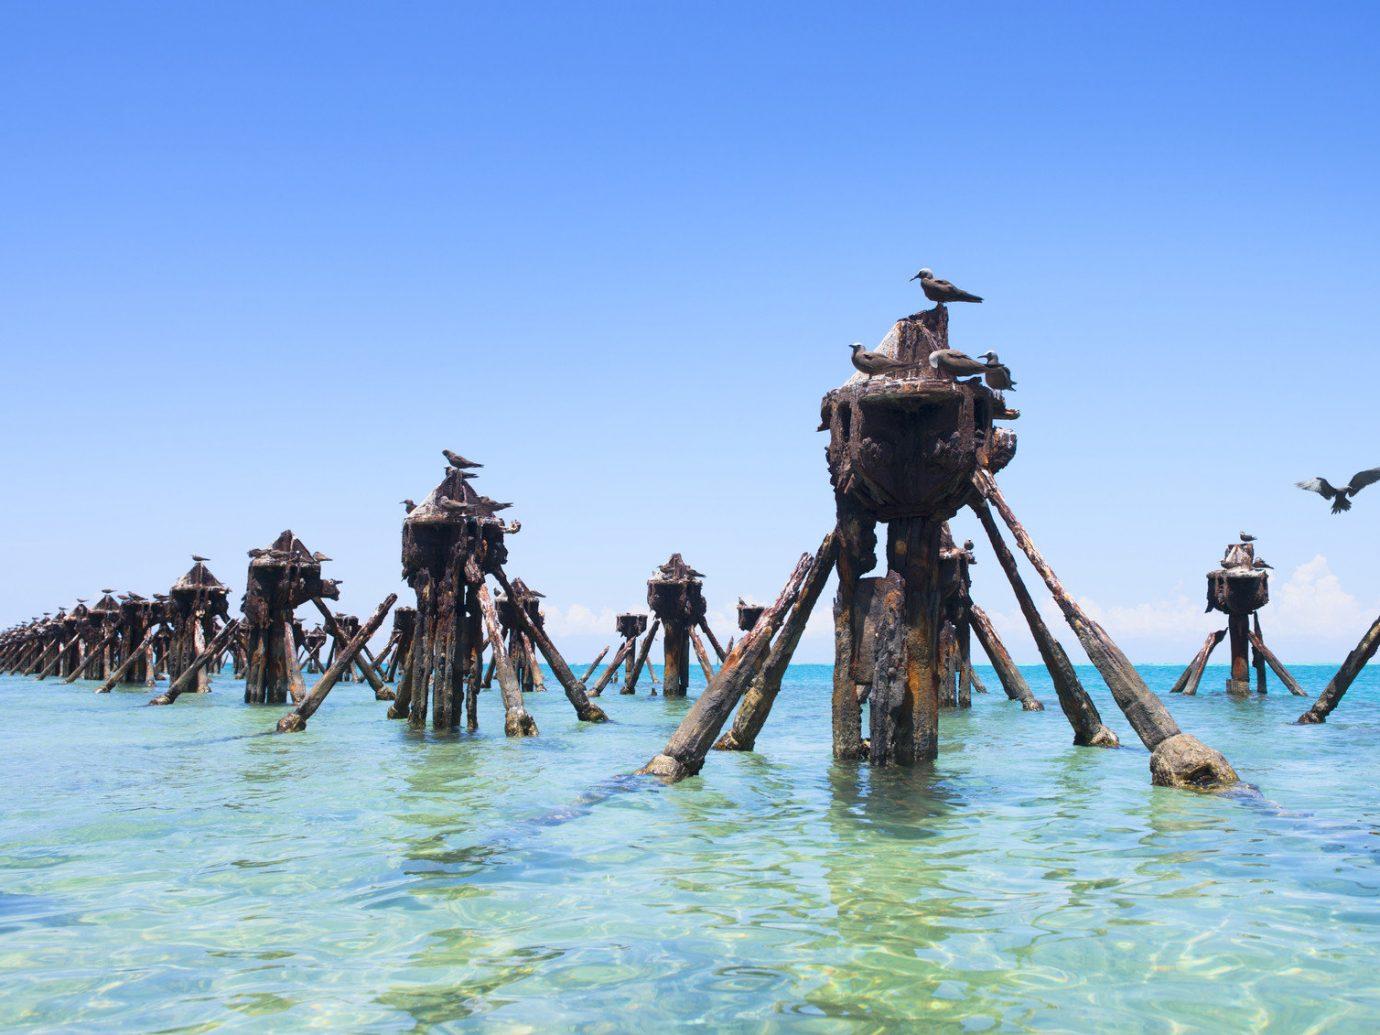 Beach Hotels Secret Getaways Trip Ideas sky outdoor water screenshot swimming